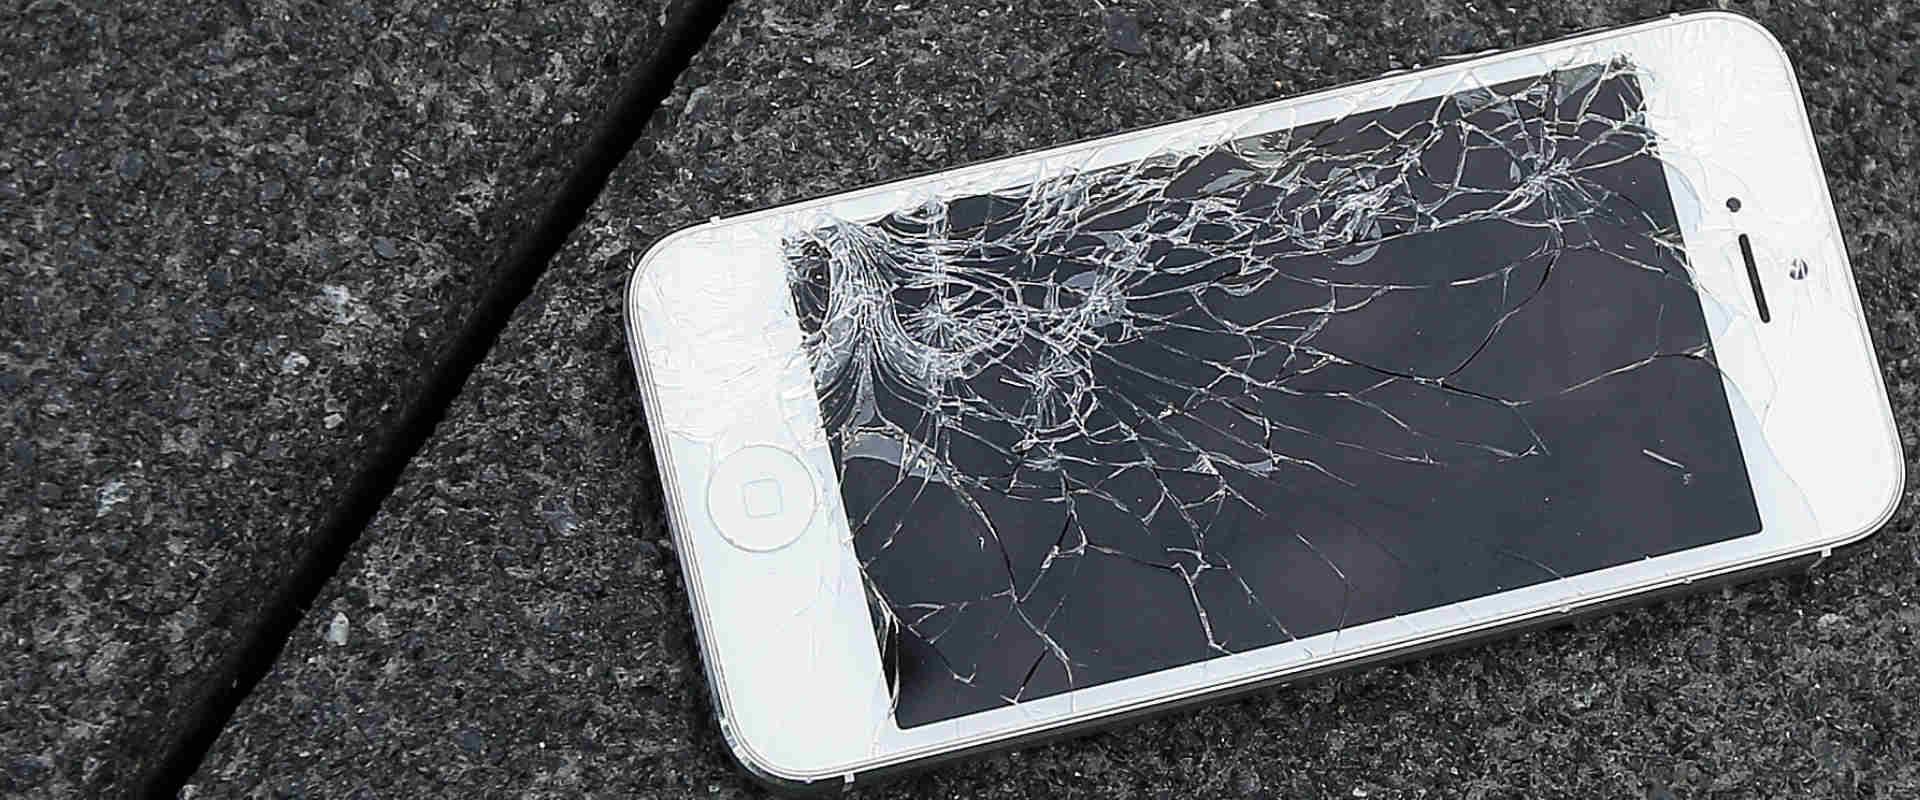 מסך אייפון שבור